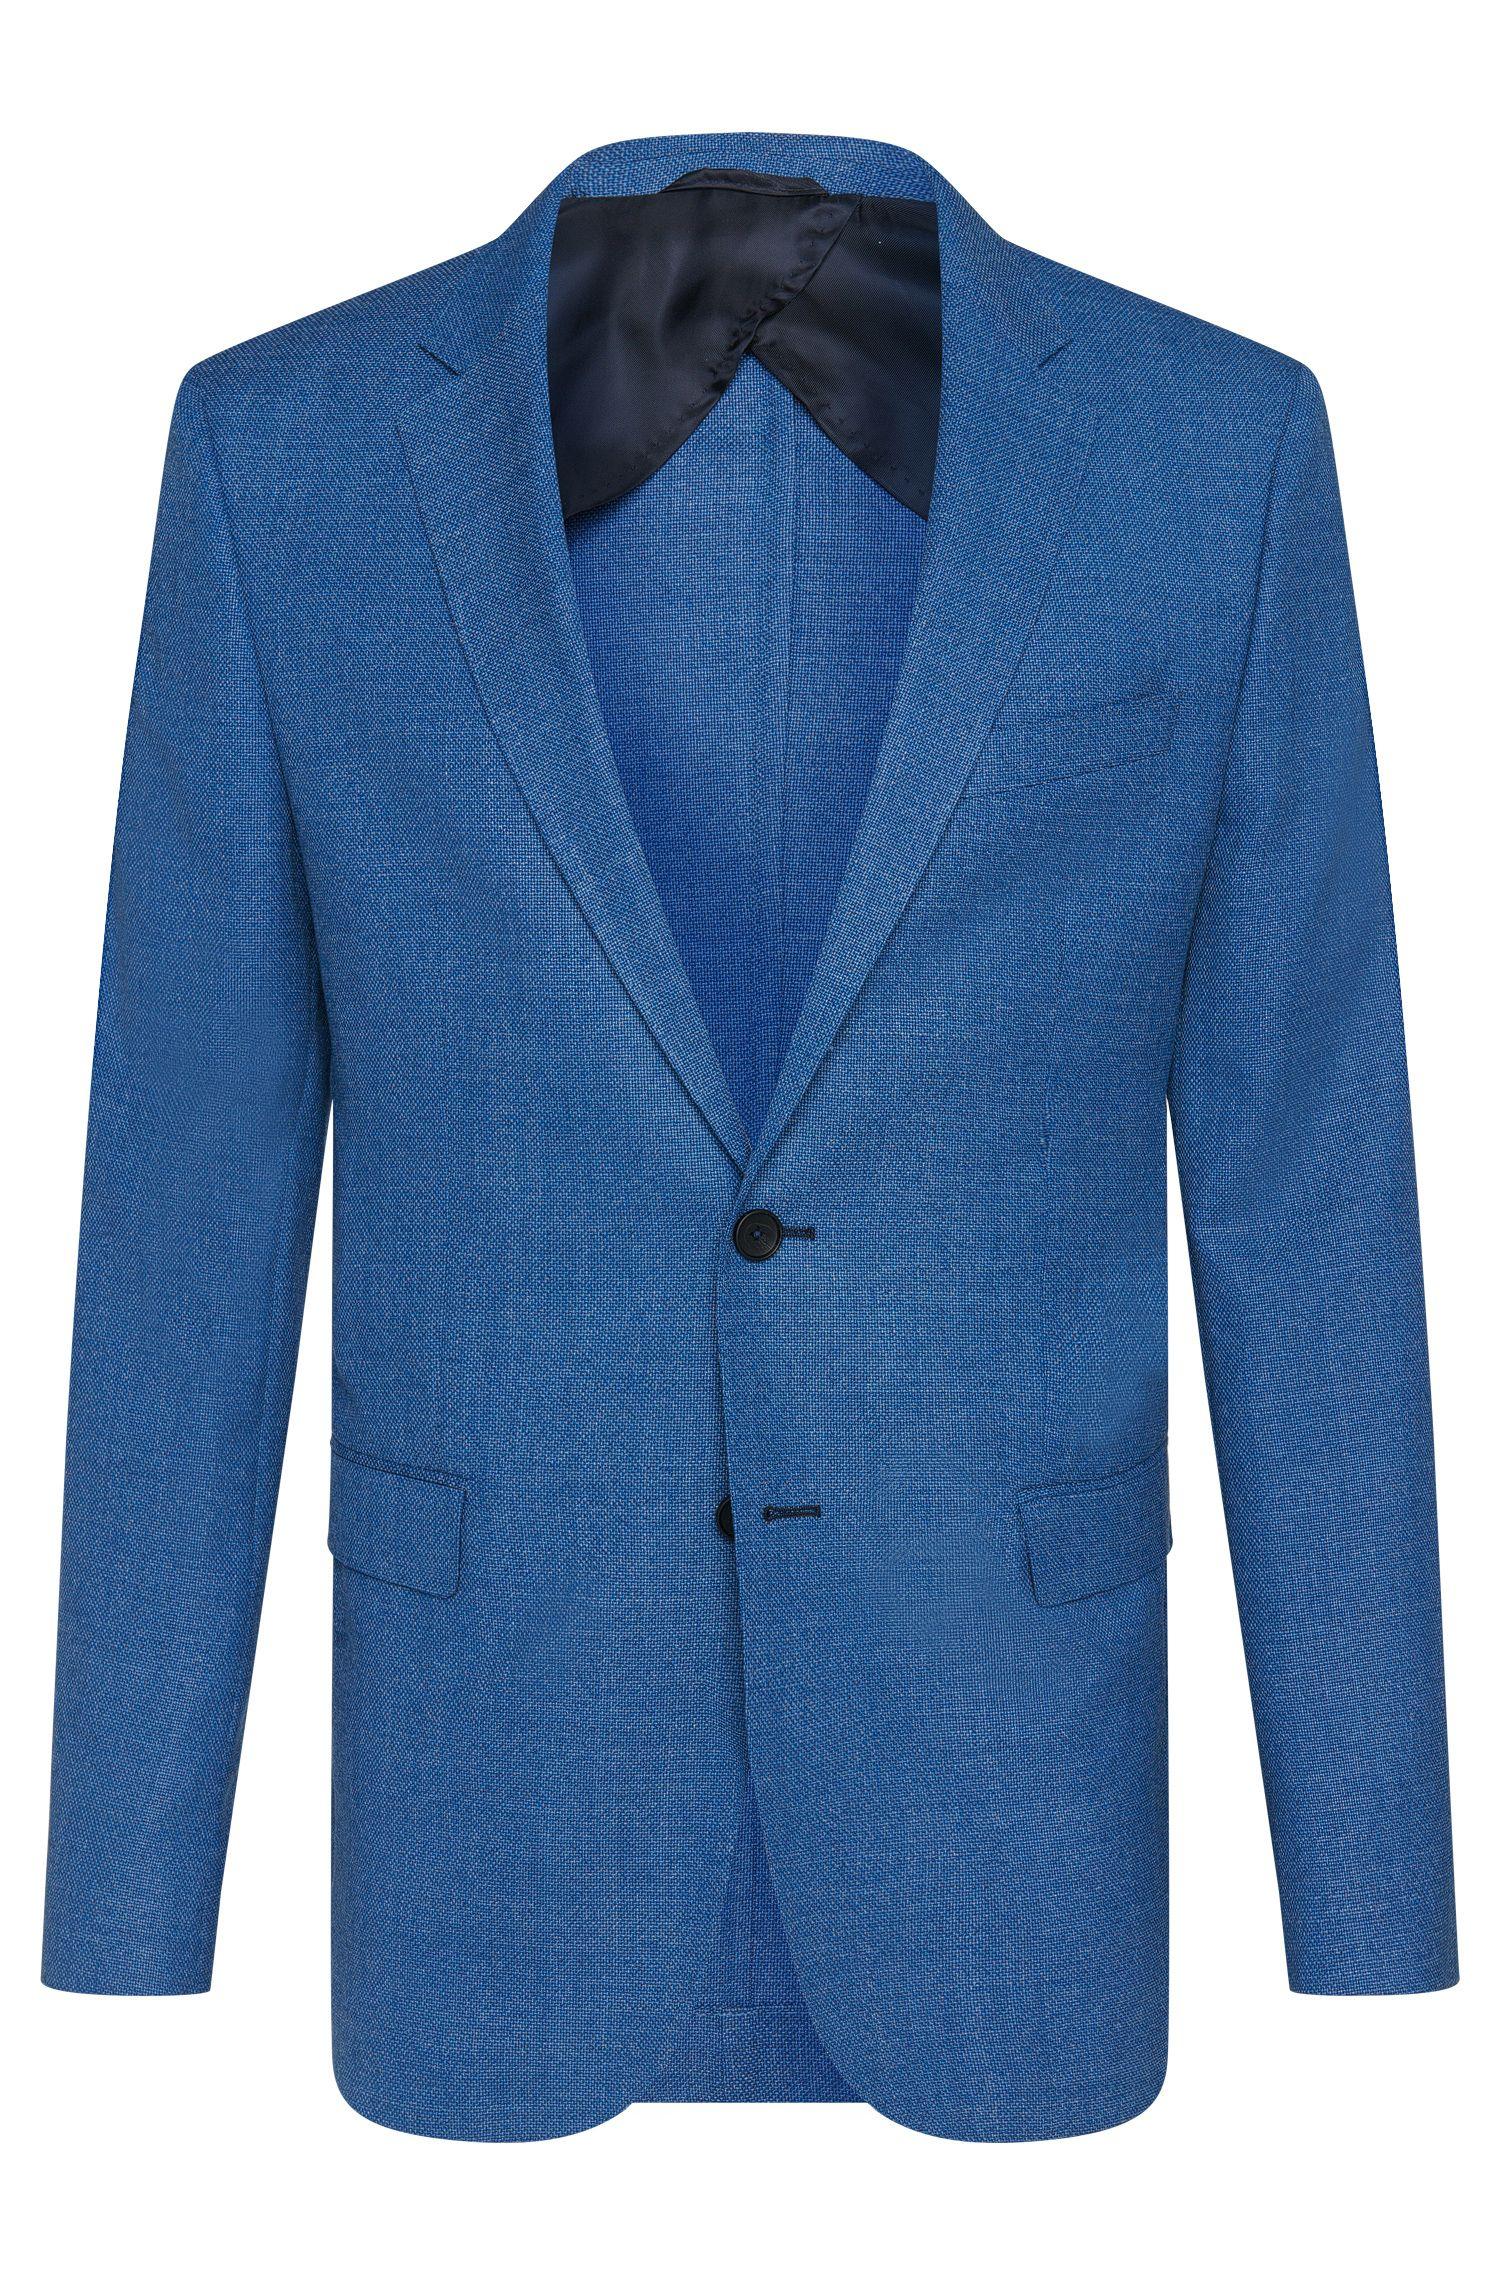 Virgin Wool Sport Coat, Slim Fit | Nobis